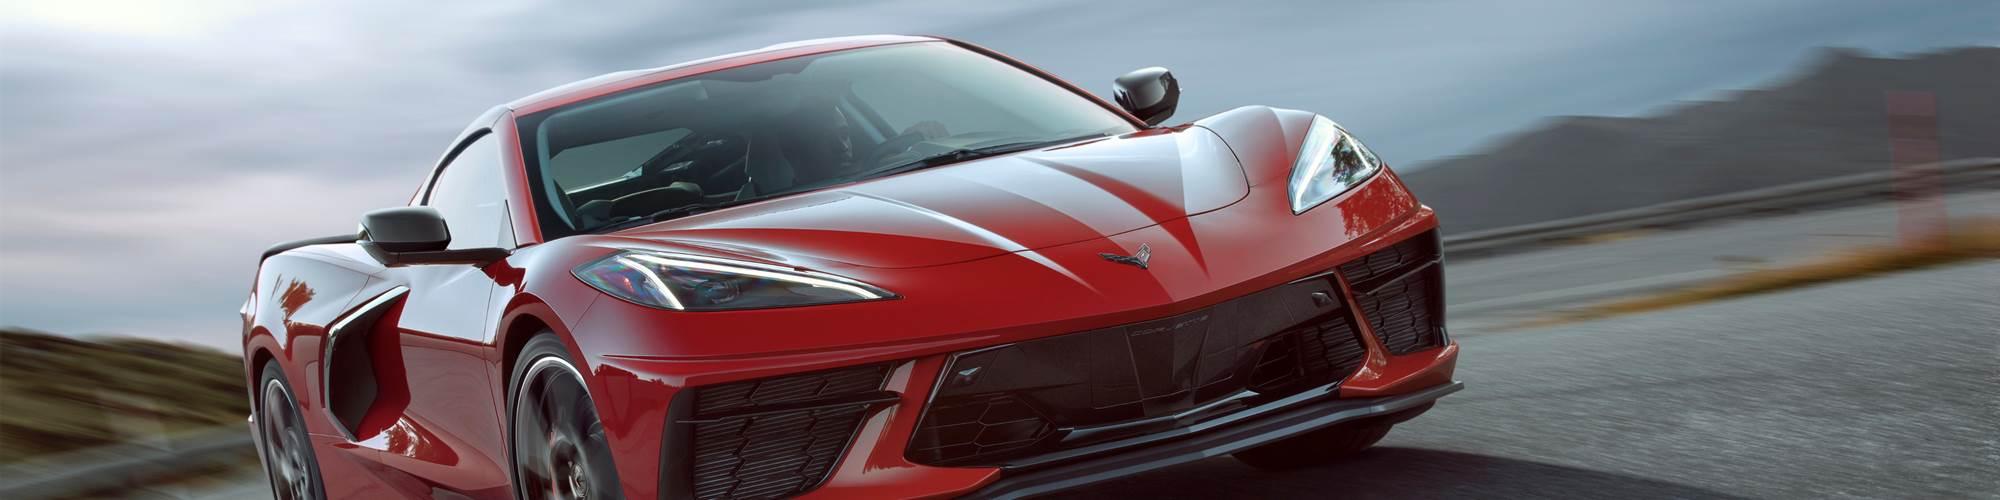 Corvette front shot